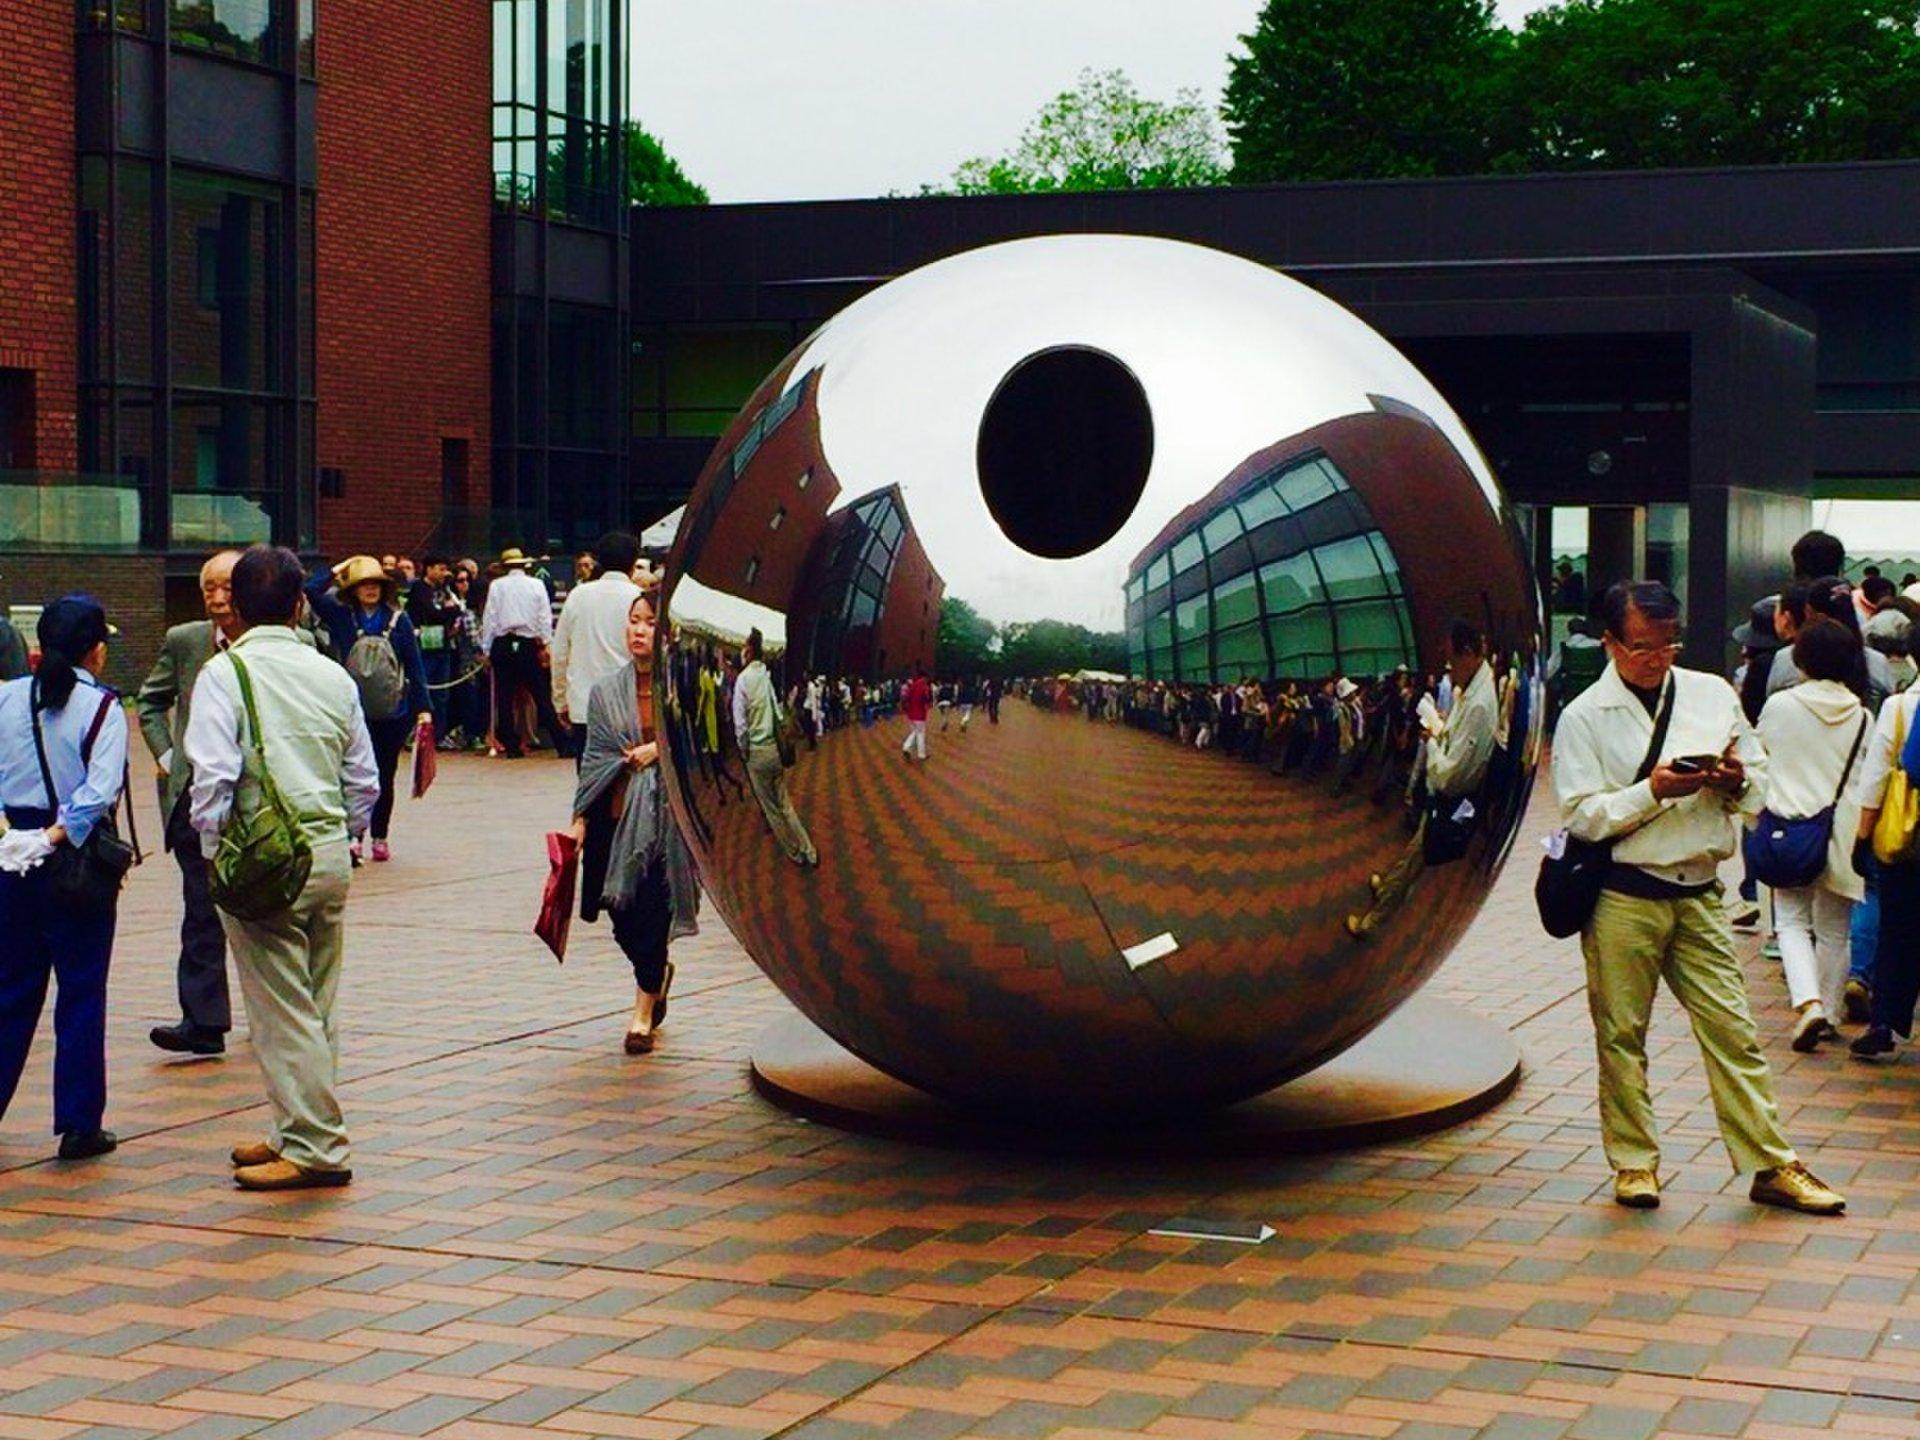 【芸術の季節に行きたい!】上野公園内の美術館と周辺のおしゃれカフェで落ち着いた時間を!